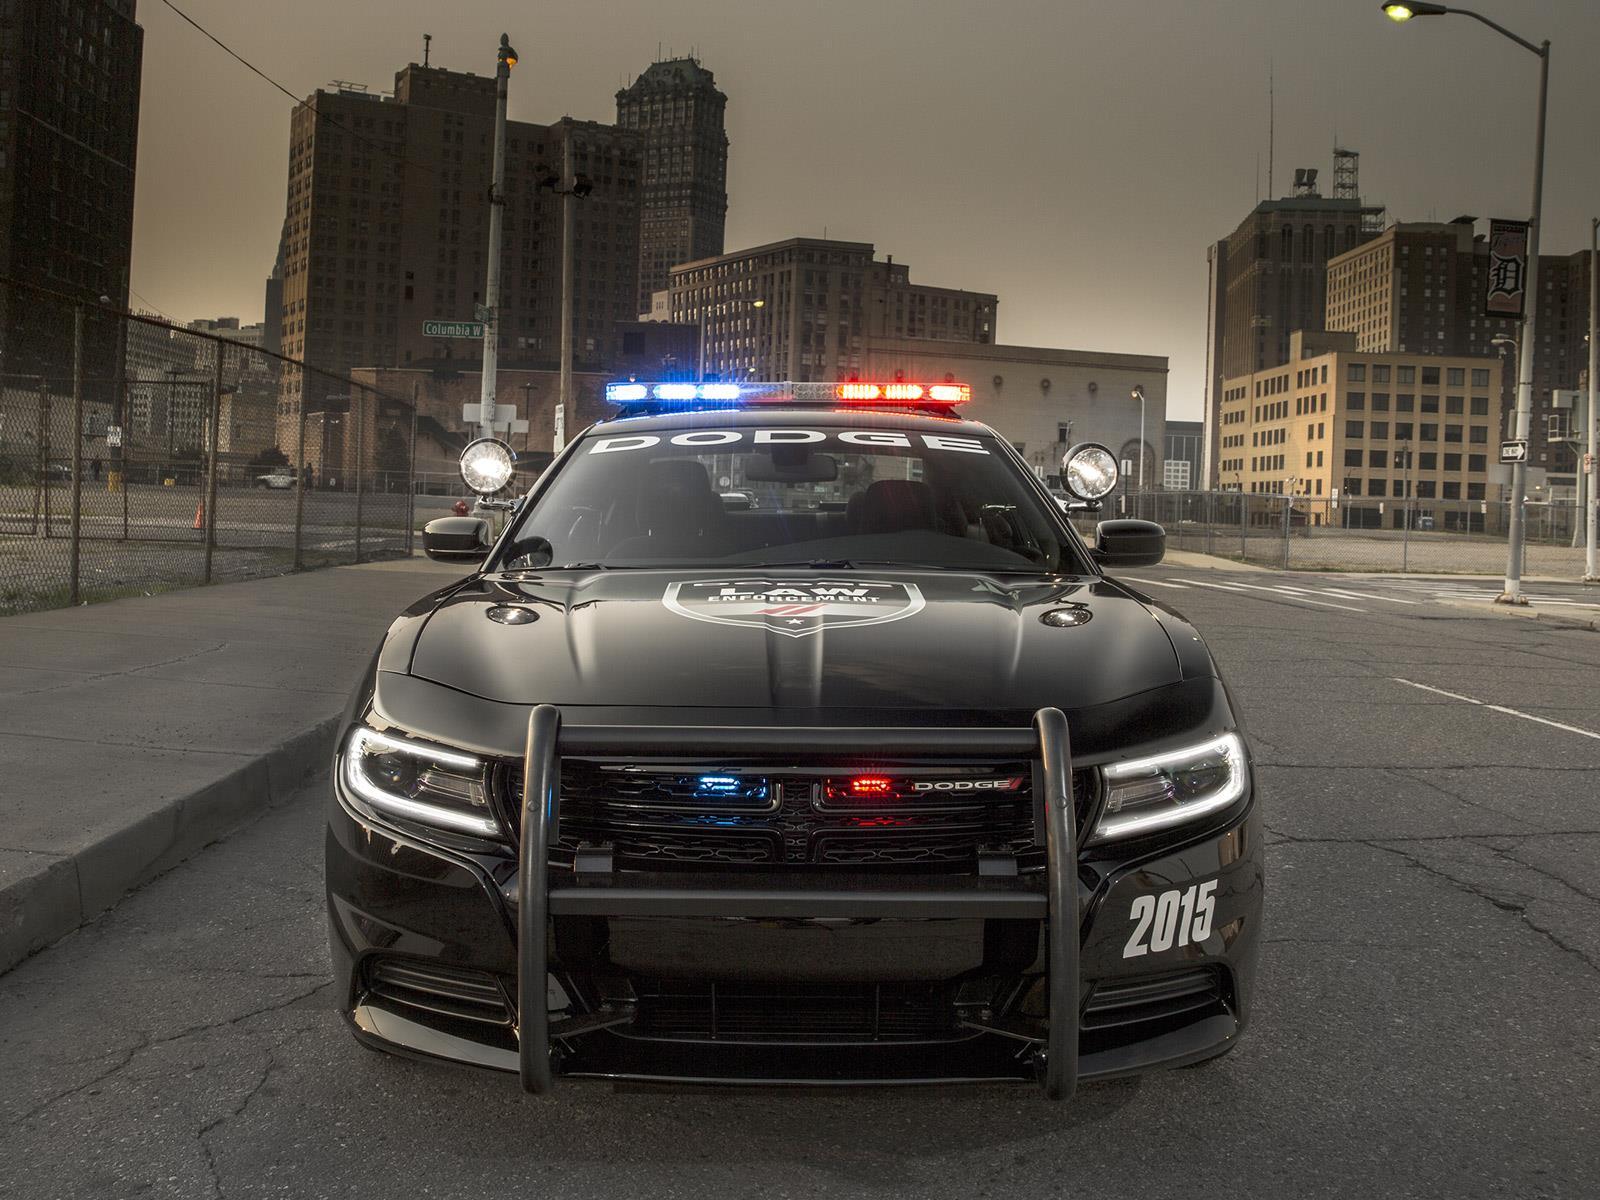 Dodge Charger Pursuit 2015, listo para combatir el crimen